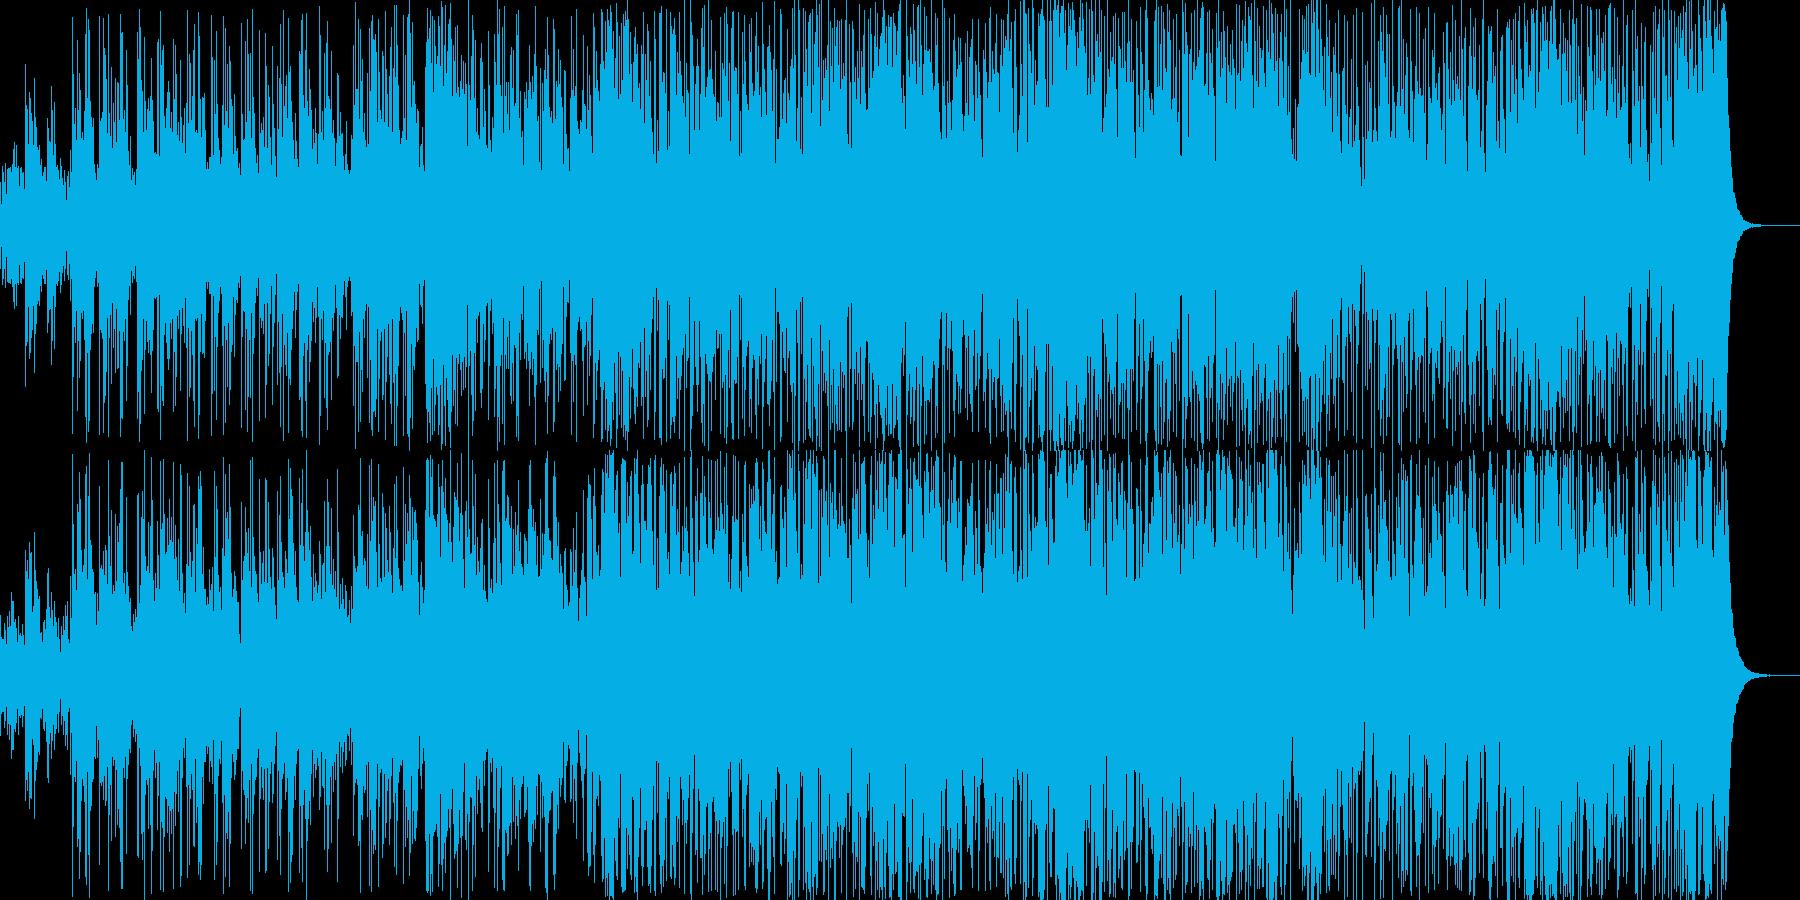 神秘的で躍動感のある曲の再生済みの波形